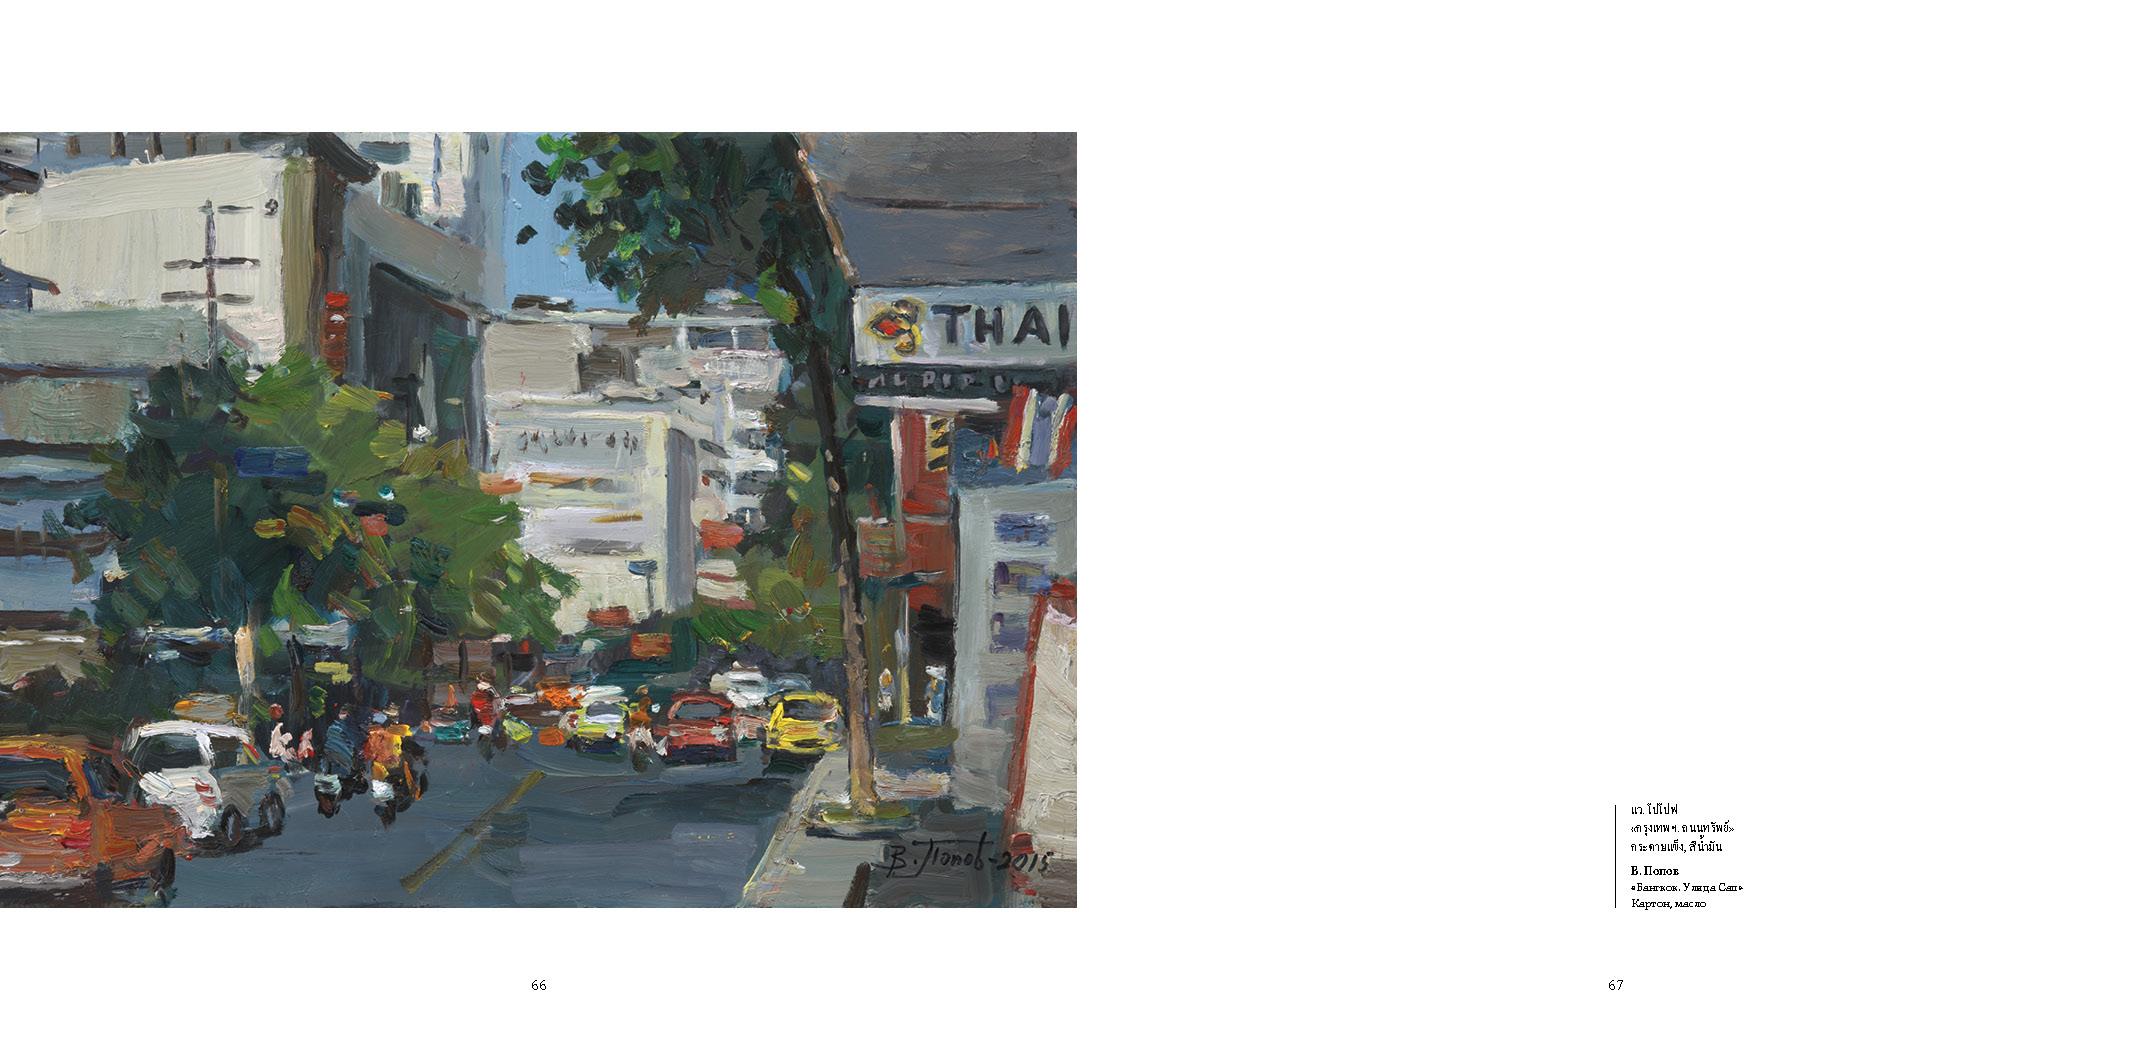 thai_34